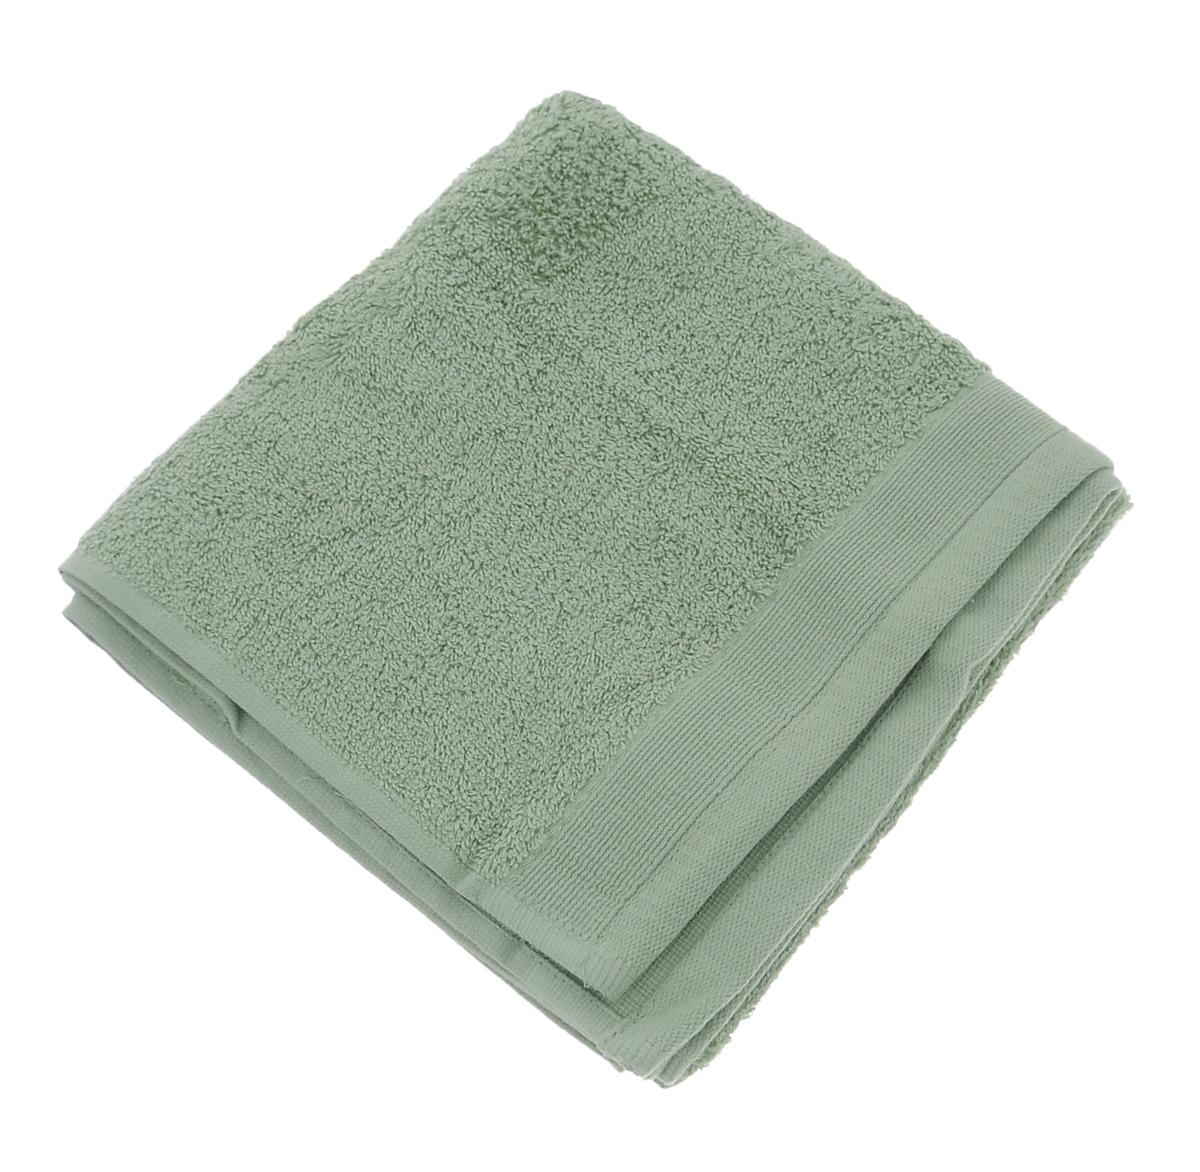 Полотенце махровое Guten Morgen, цвет: светло-зеленый, 50 см х 100 смПМсвзNew-50-100Махровое полотенце Guten Morgen, изготовленное из натурального хлопка, прекрасно впитывает влагу и быстро сохнет. Высокая плотность ткани делает полотенце мягкими, прочными и пушистыми. При соблюдении рекомендаций по уходу изделие сохраняет яркость цвета и не теряет форму даже после многократных стирок. Махровое полотенце Guten Morgen станет достойным выбором для вас и приятным подарком для ваших близких. Мягкость и высокое качество материала, из которого изготовлено полотенце, не оставит вас равнодушными.